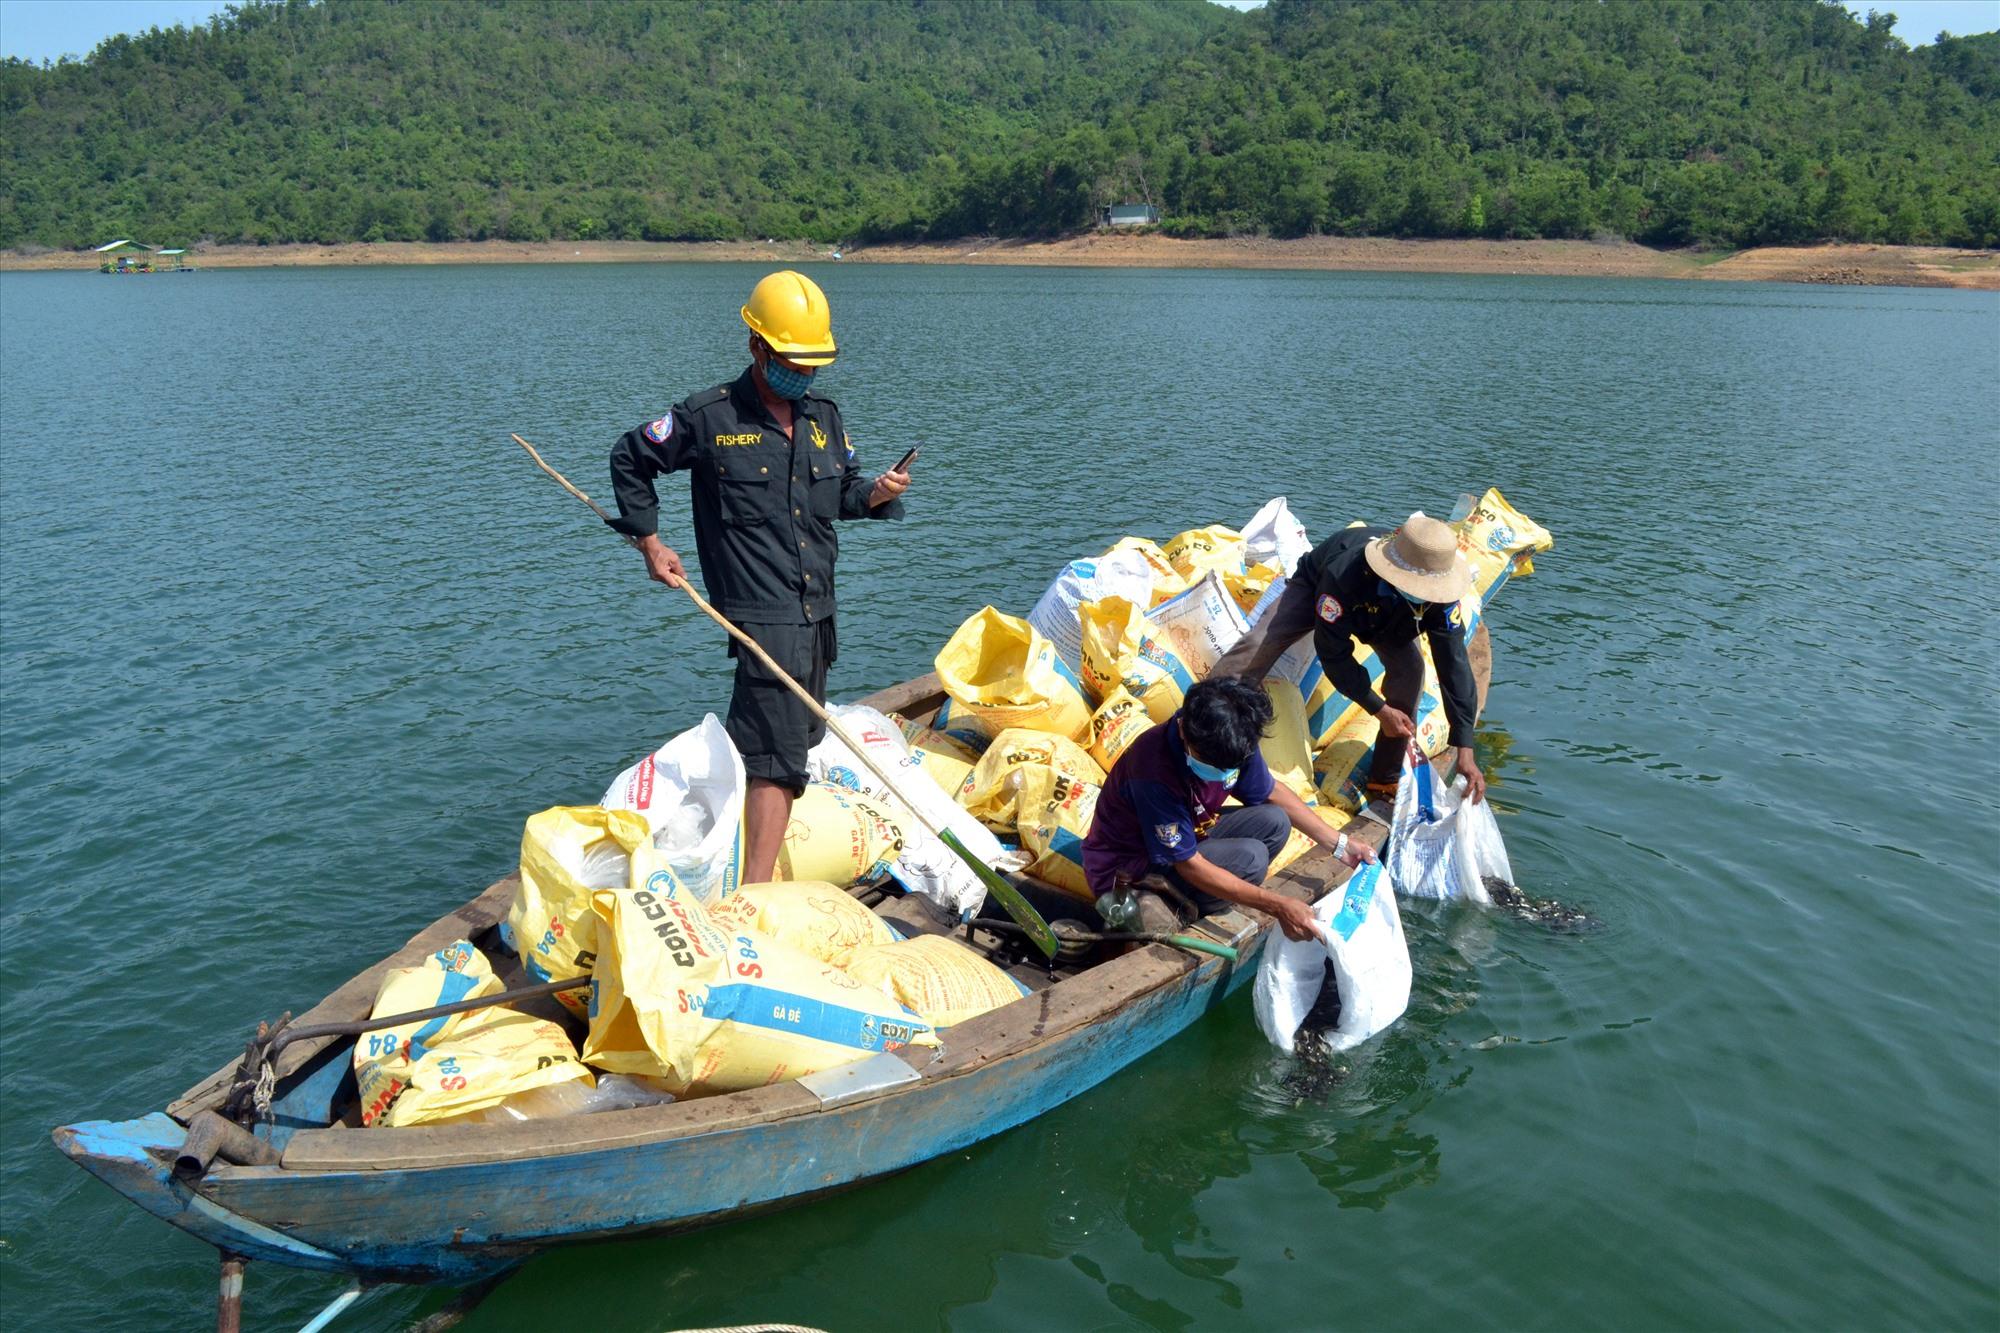 Công ty CP Giống thủy sản Quảng Nam thả 1 triệu con giống cá mè để tái tạo nguồn lợi ở hồ Phú Ninh. Ảnh: VIỆT NGUYỄN